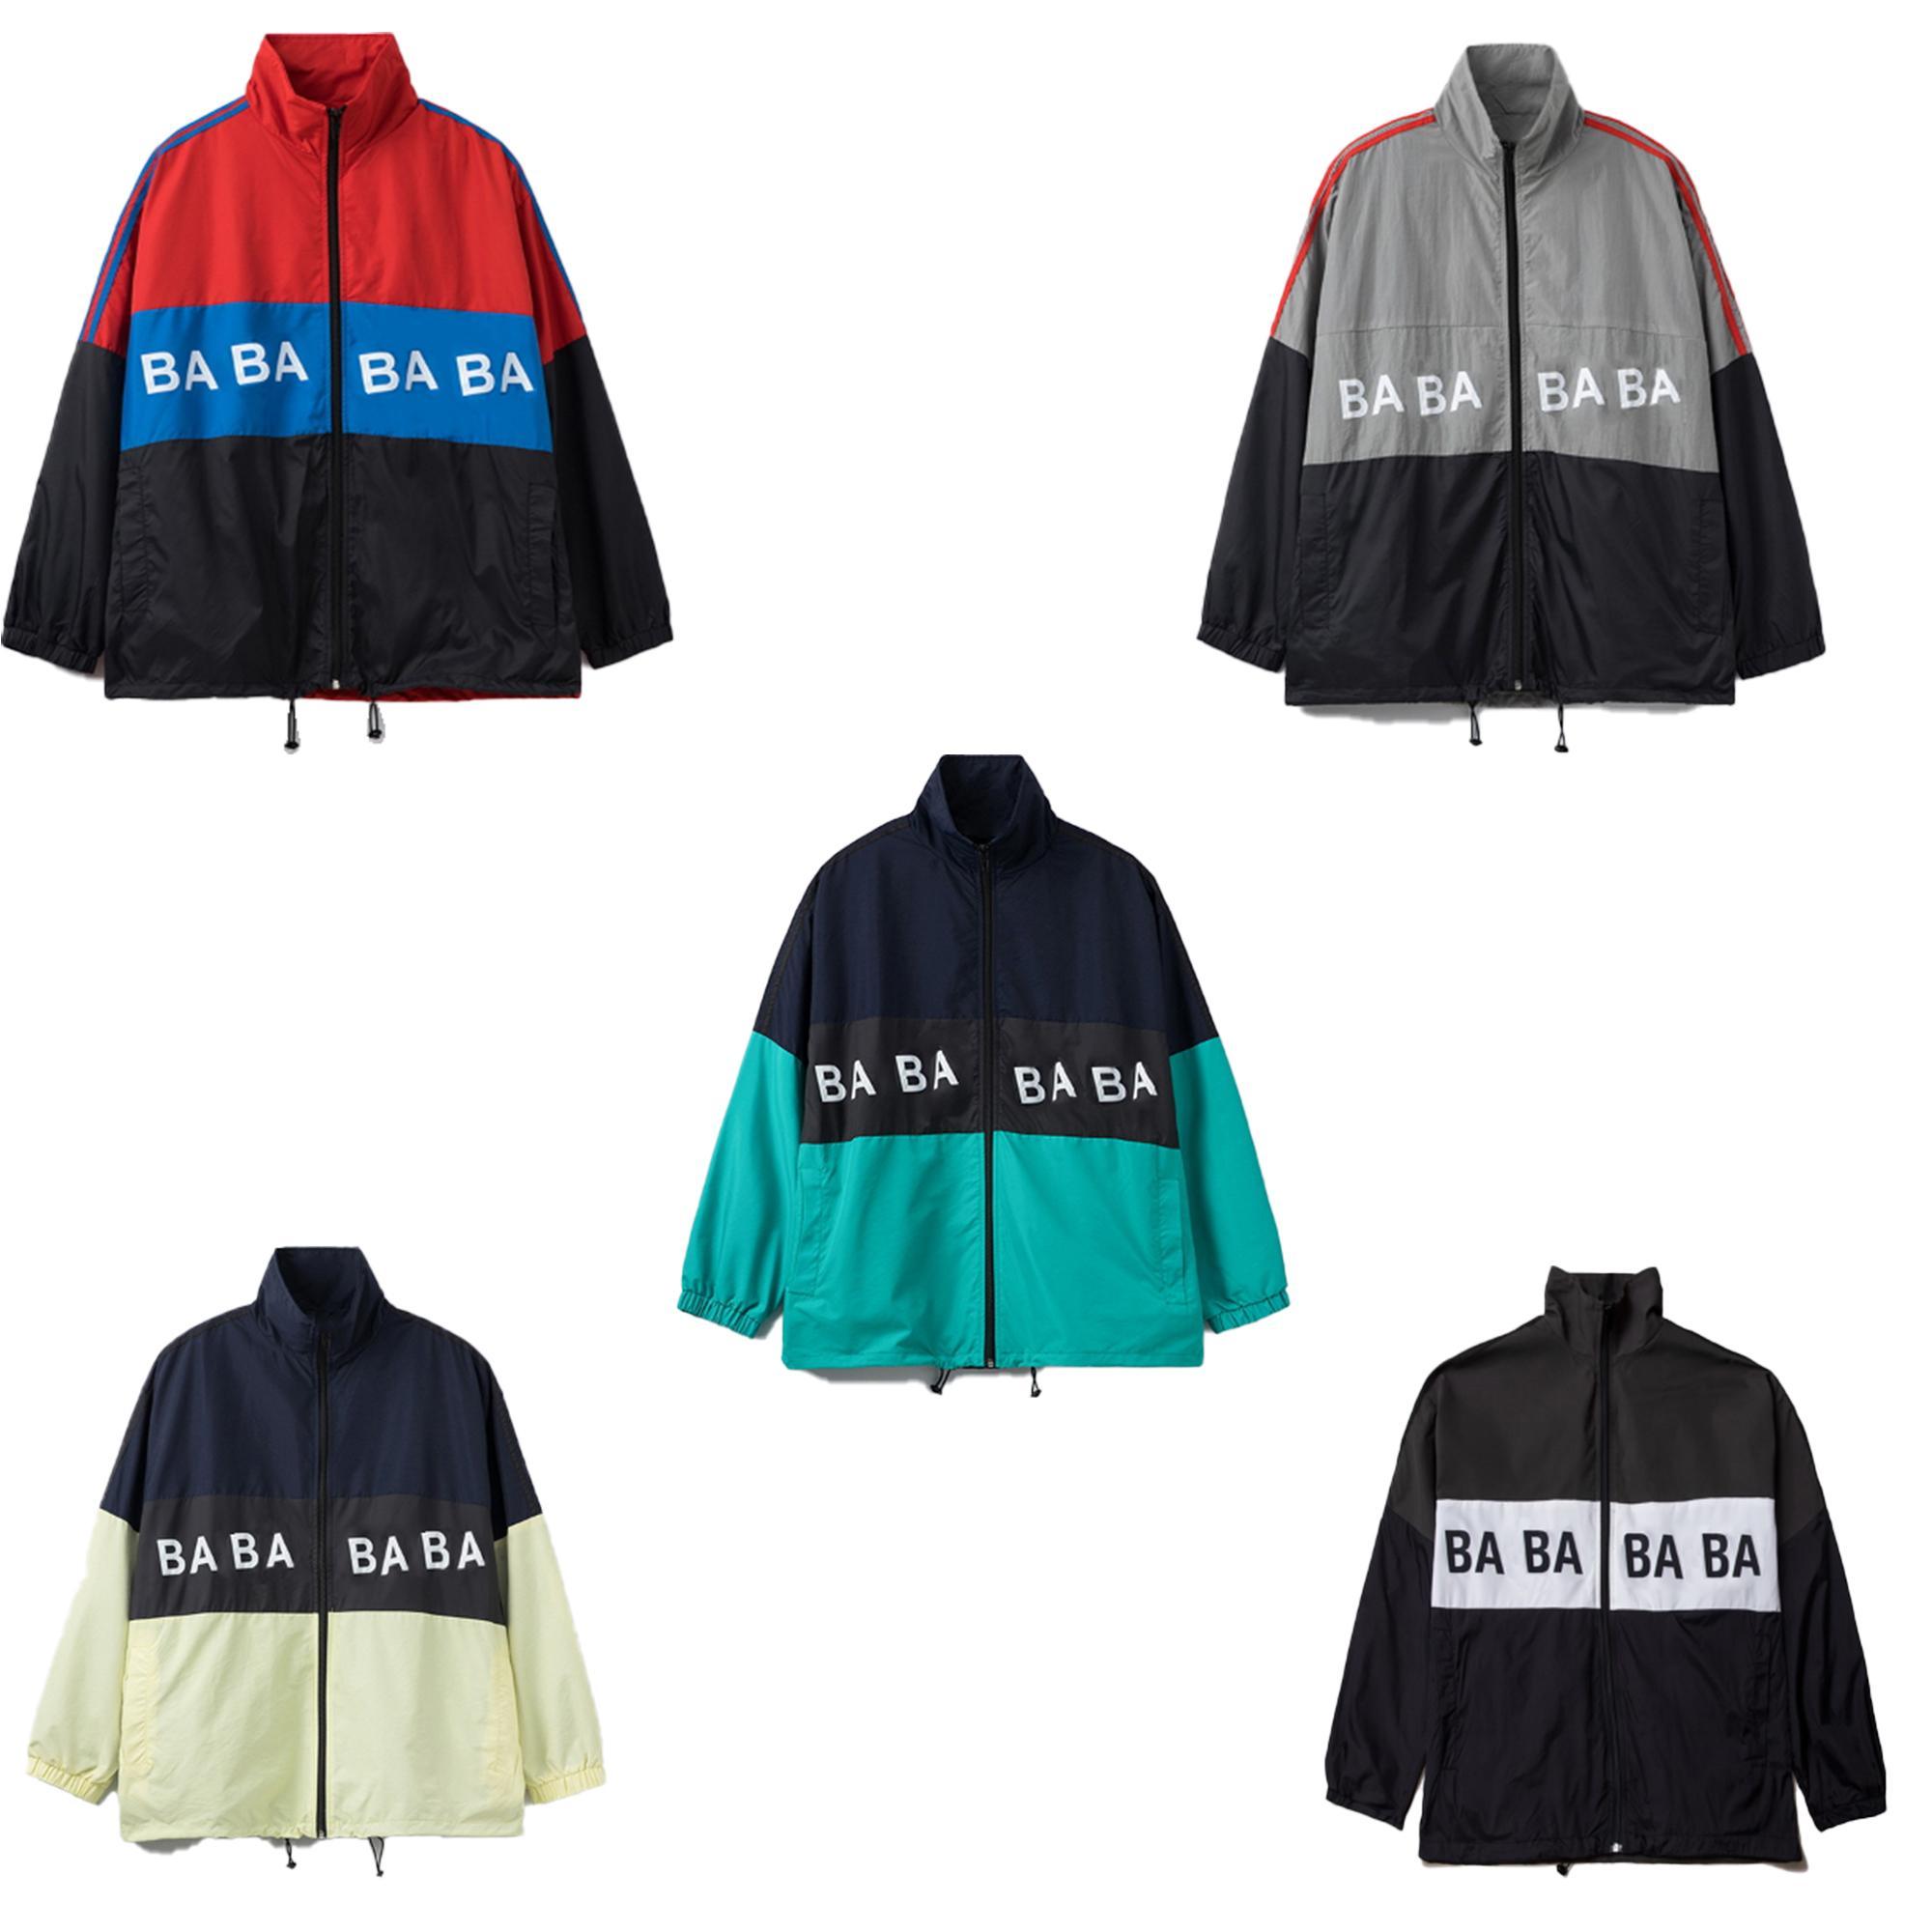 Männer Damen Offizielle Designerjacke Herbst Winter Streetwear Outdoor Warme Sportbekleidung Reißverschluss Jacken Männer Brief Druck Mode Mäntel